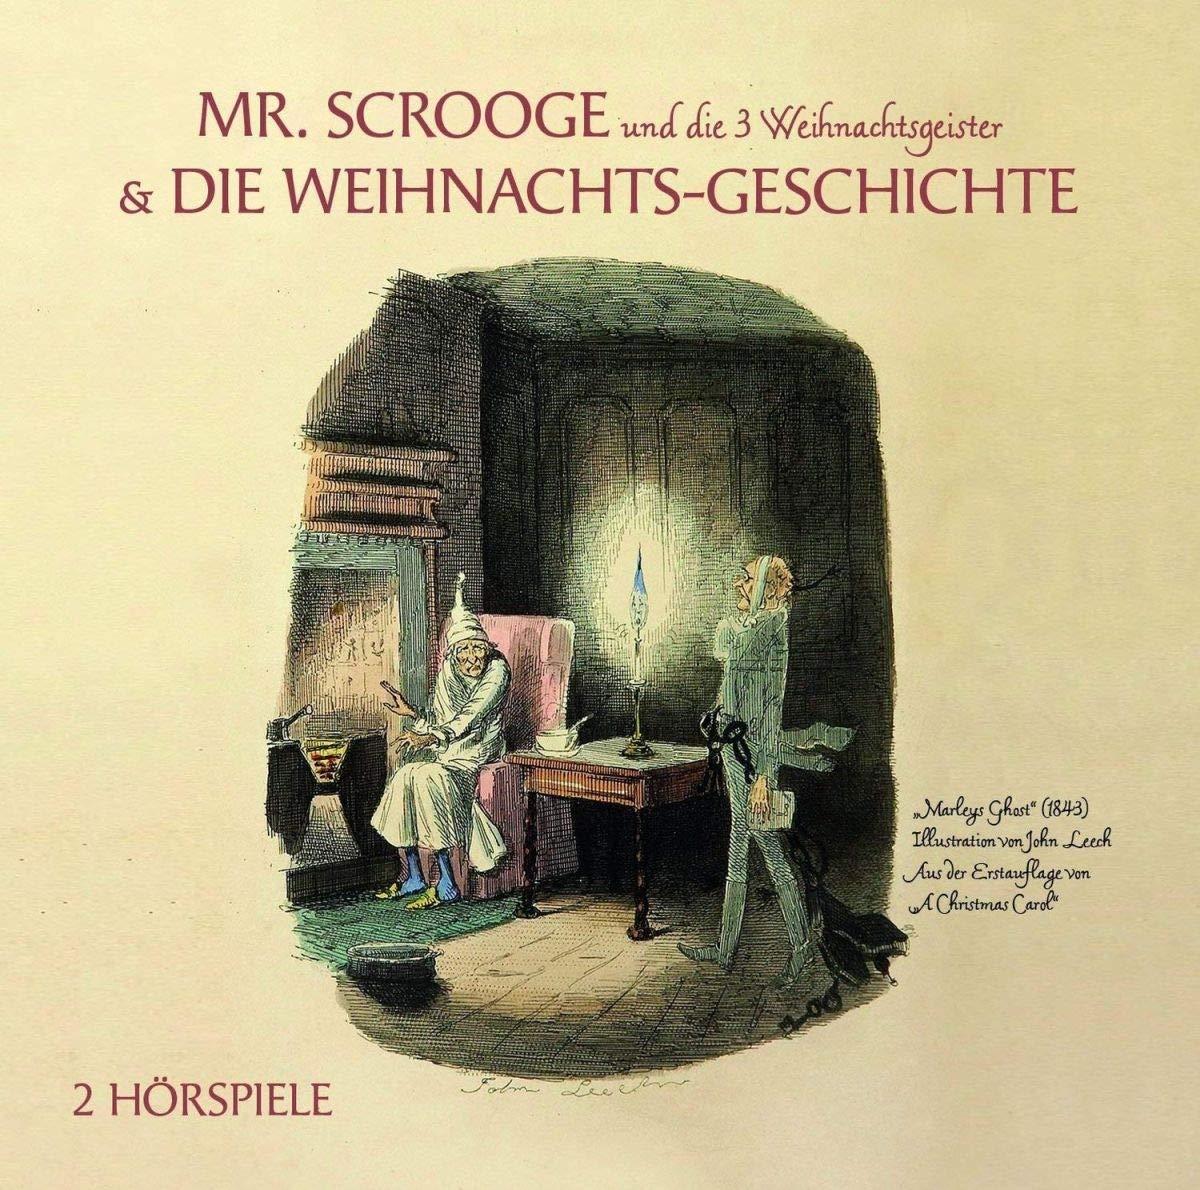 Mr Scrooge&die 3 Weihnachtsgeister/die Weihnachtsg - Various: Amazon ...